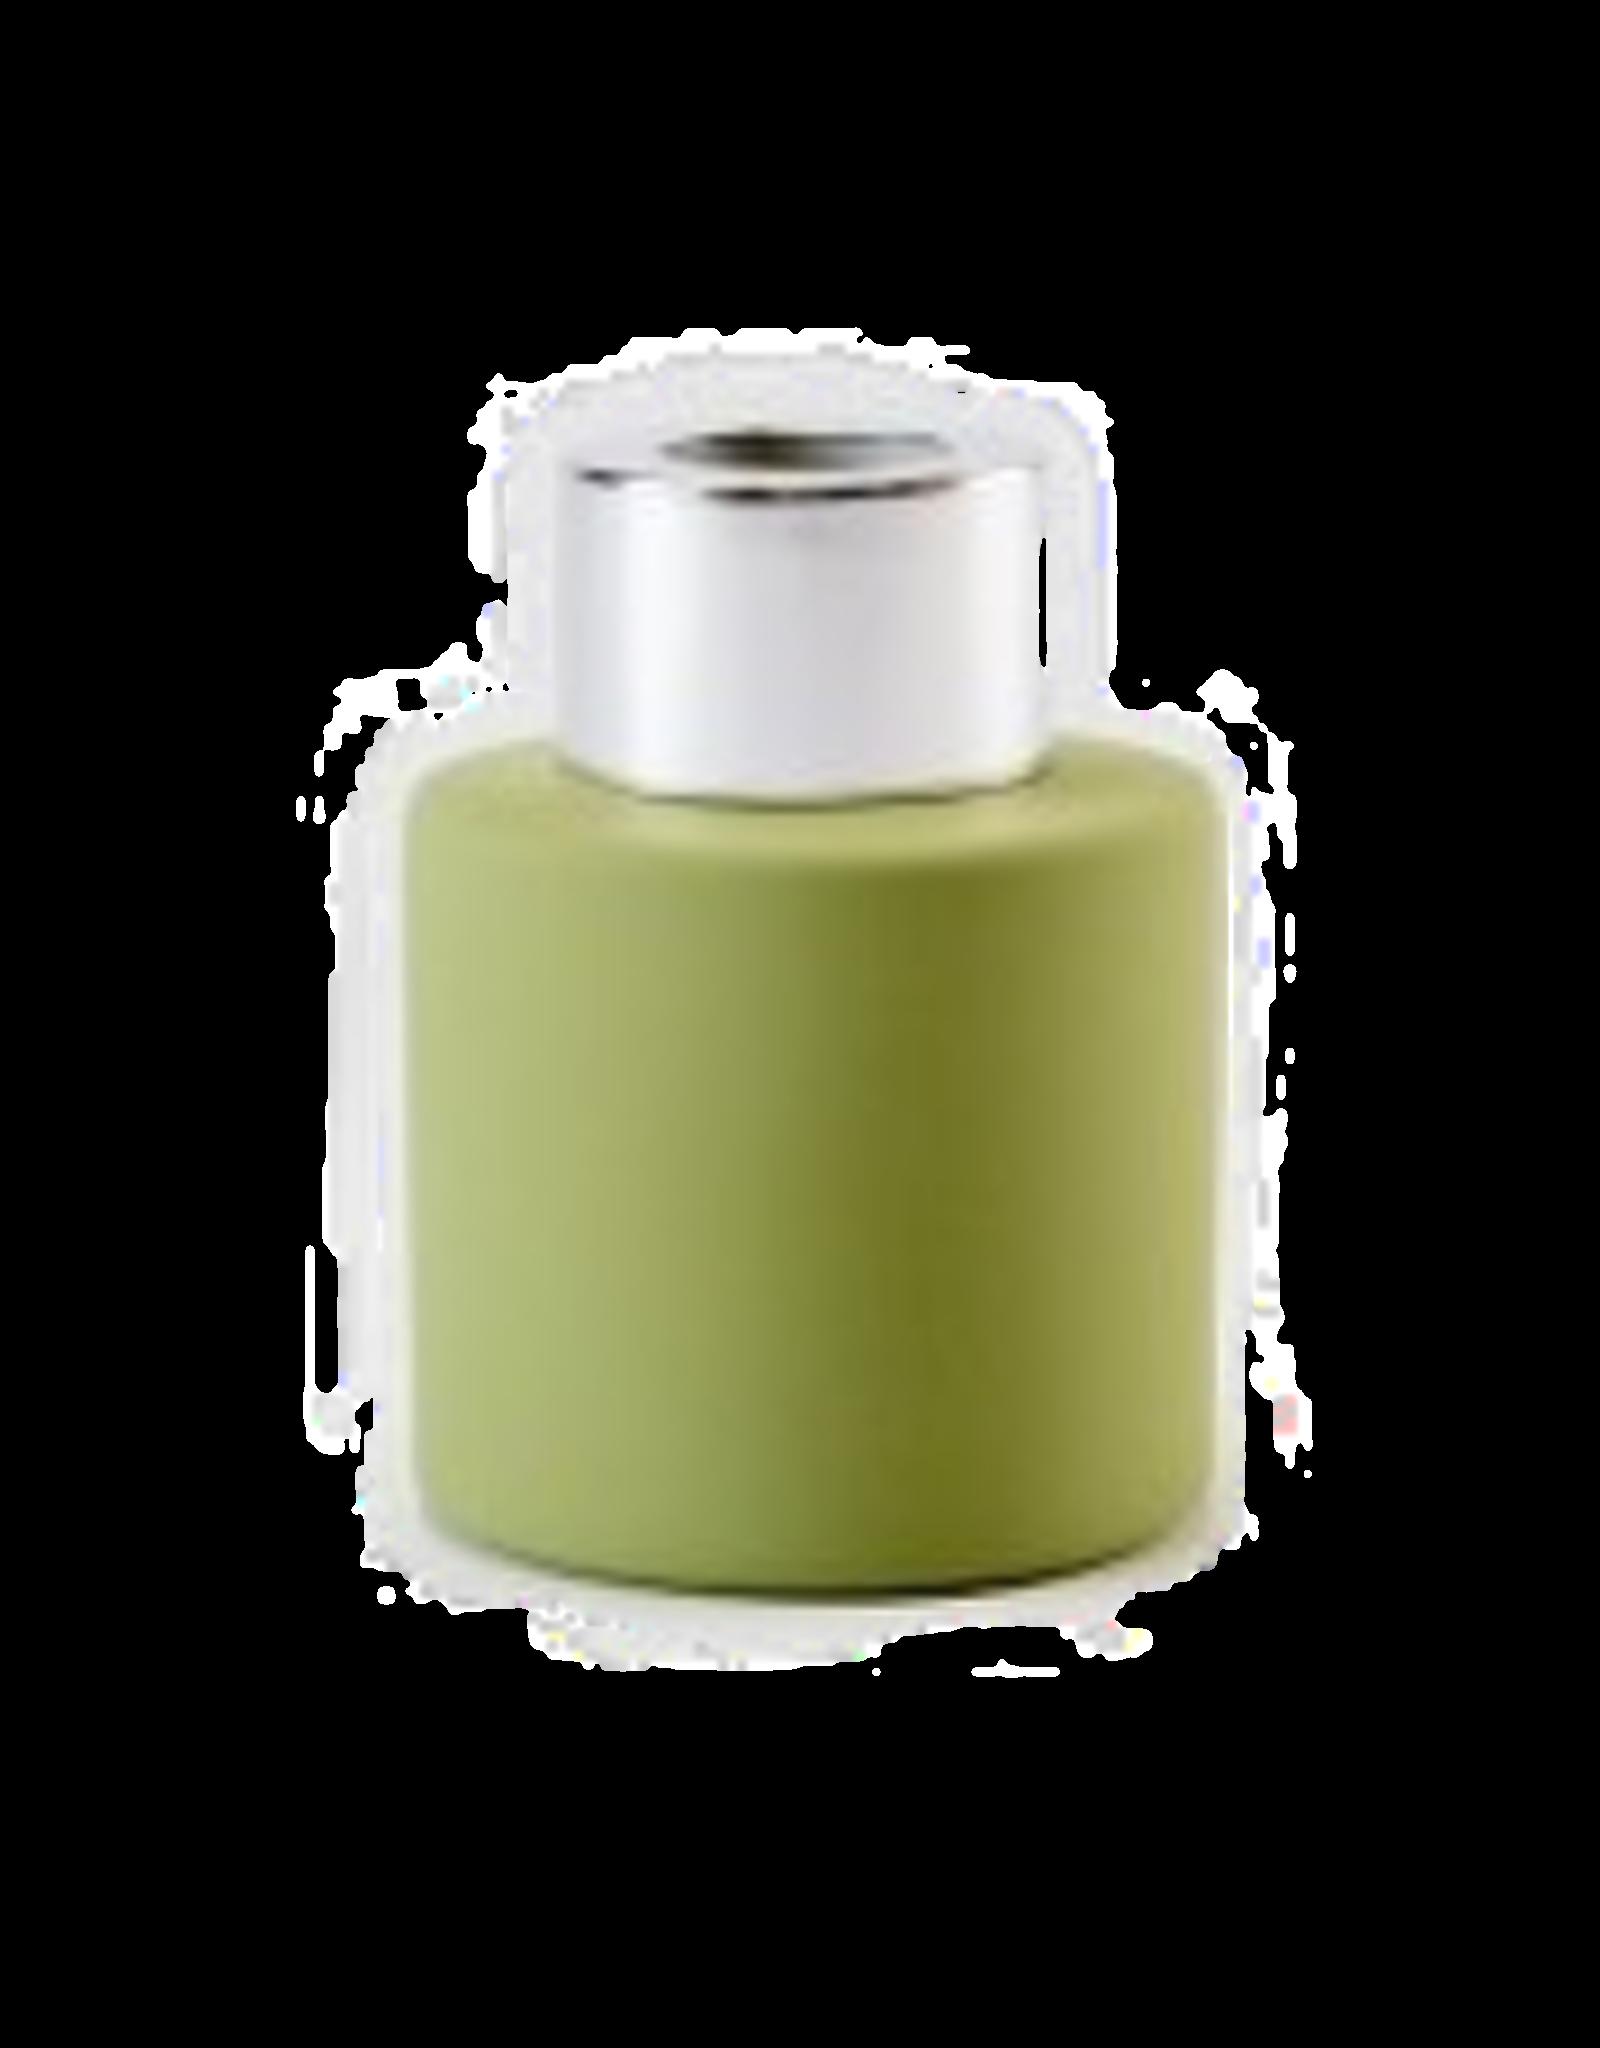 Body & Soap Geurpotje zijdegroen/zilveren dop - Body & Soap